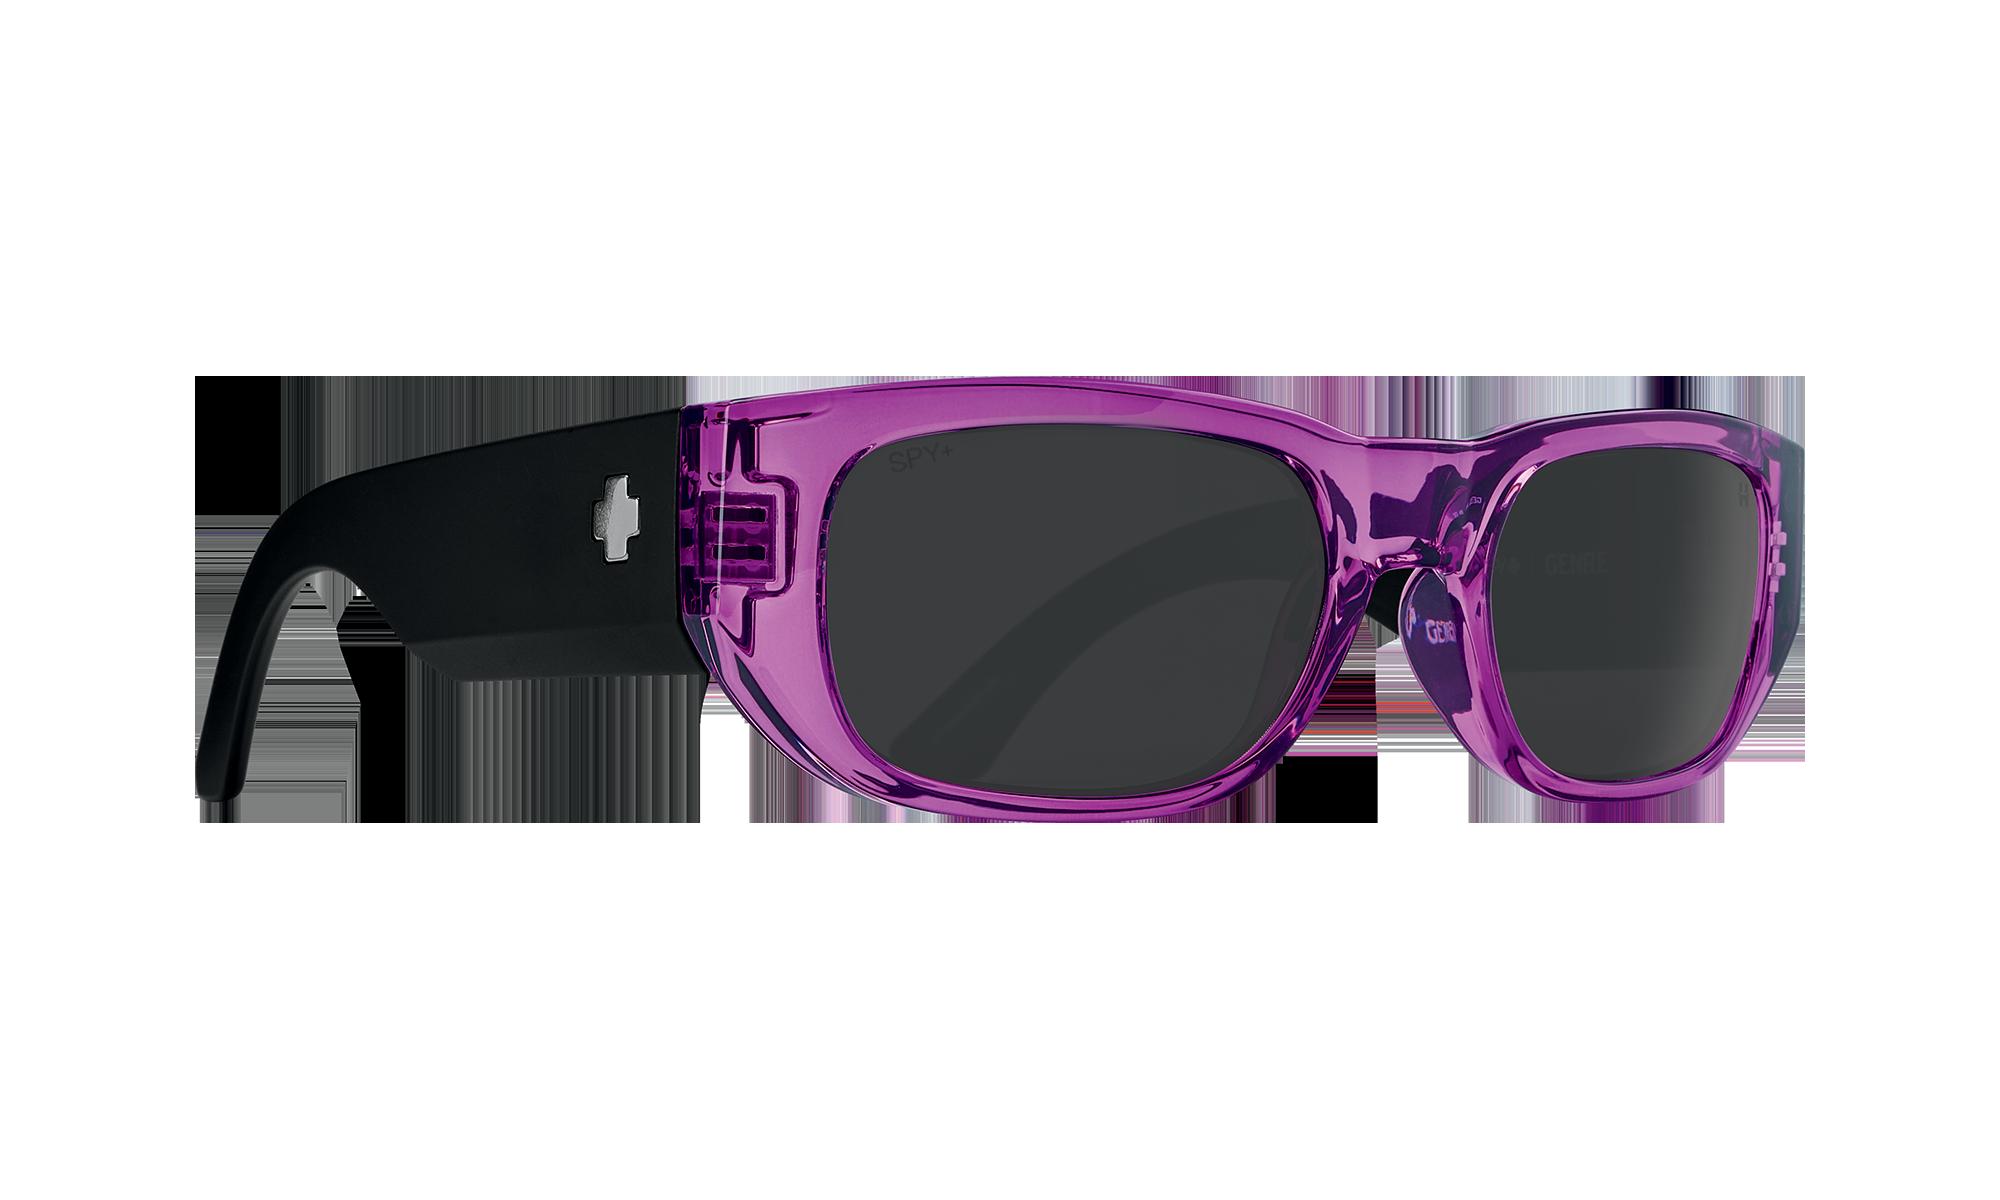 SPY Spy Genre Sunglasses